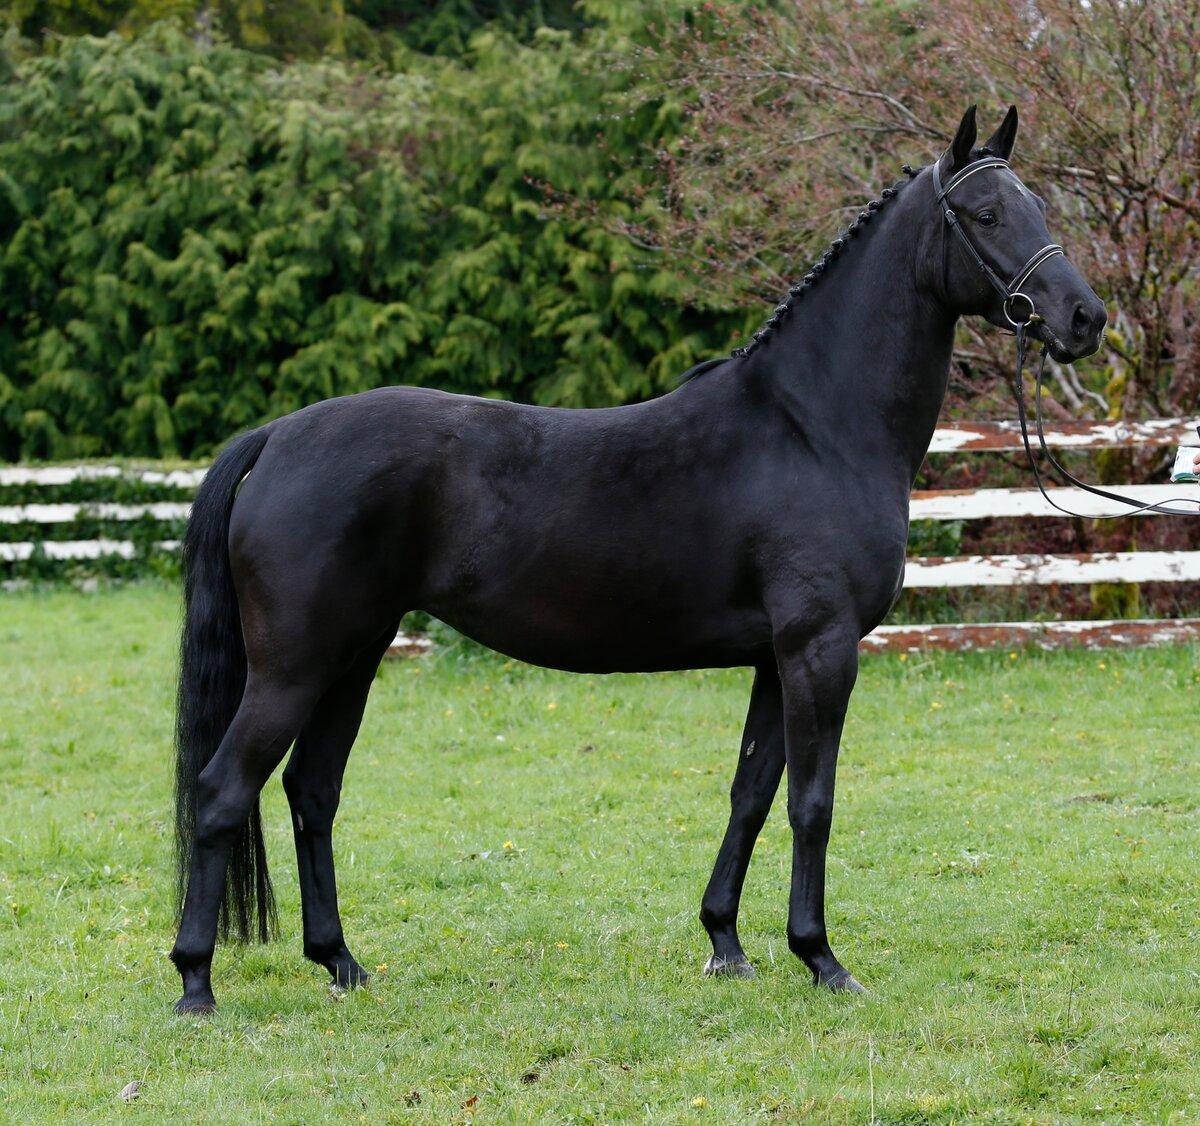 Обзор кабардинской породы лошадей: описание и полная характеристика с фото